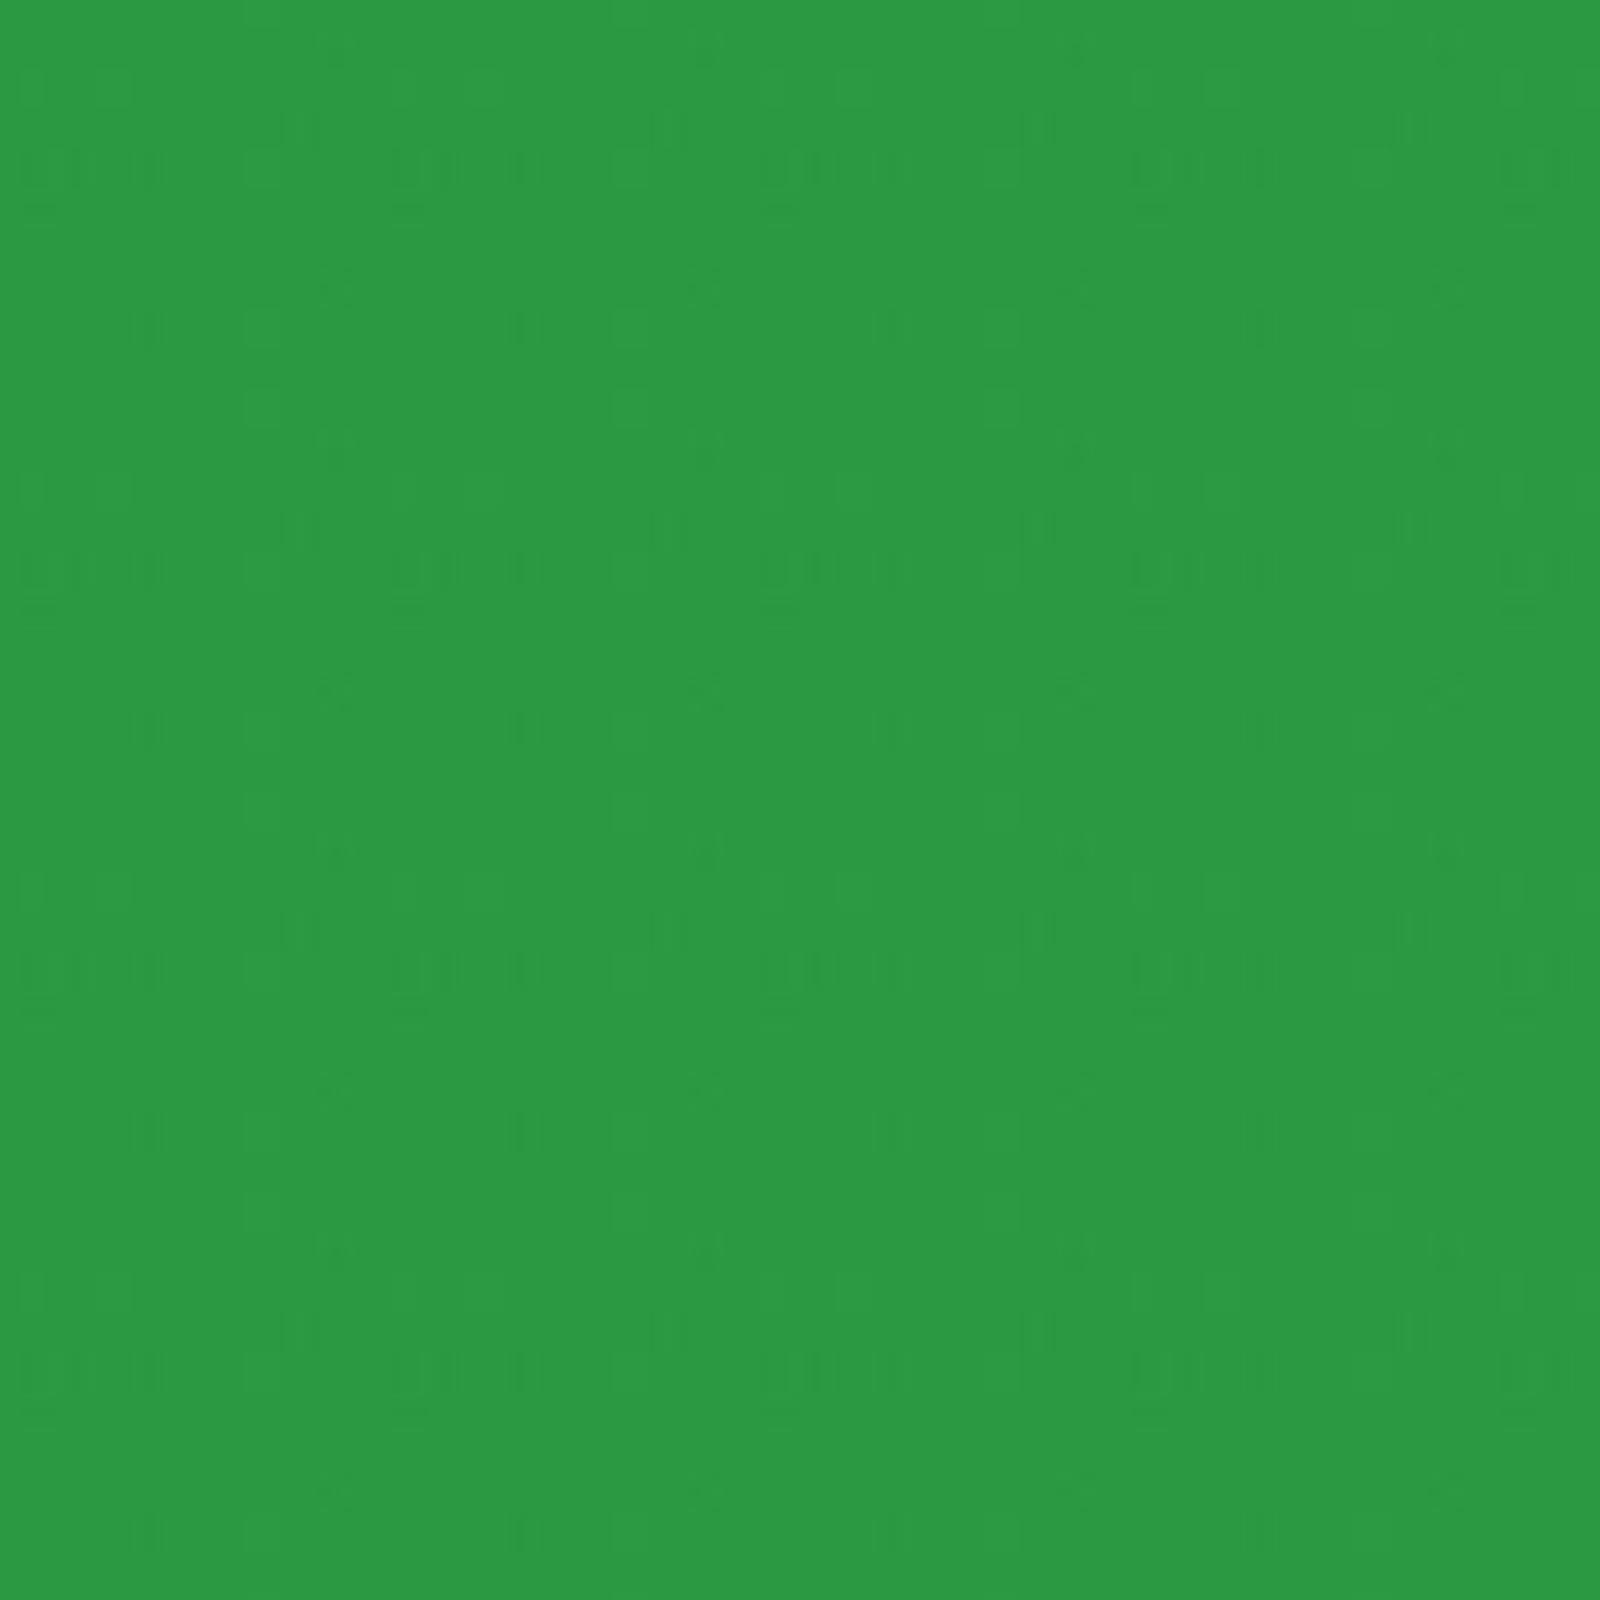 verde intens